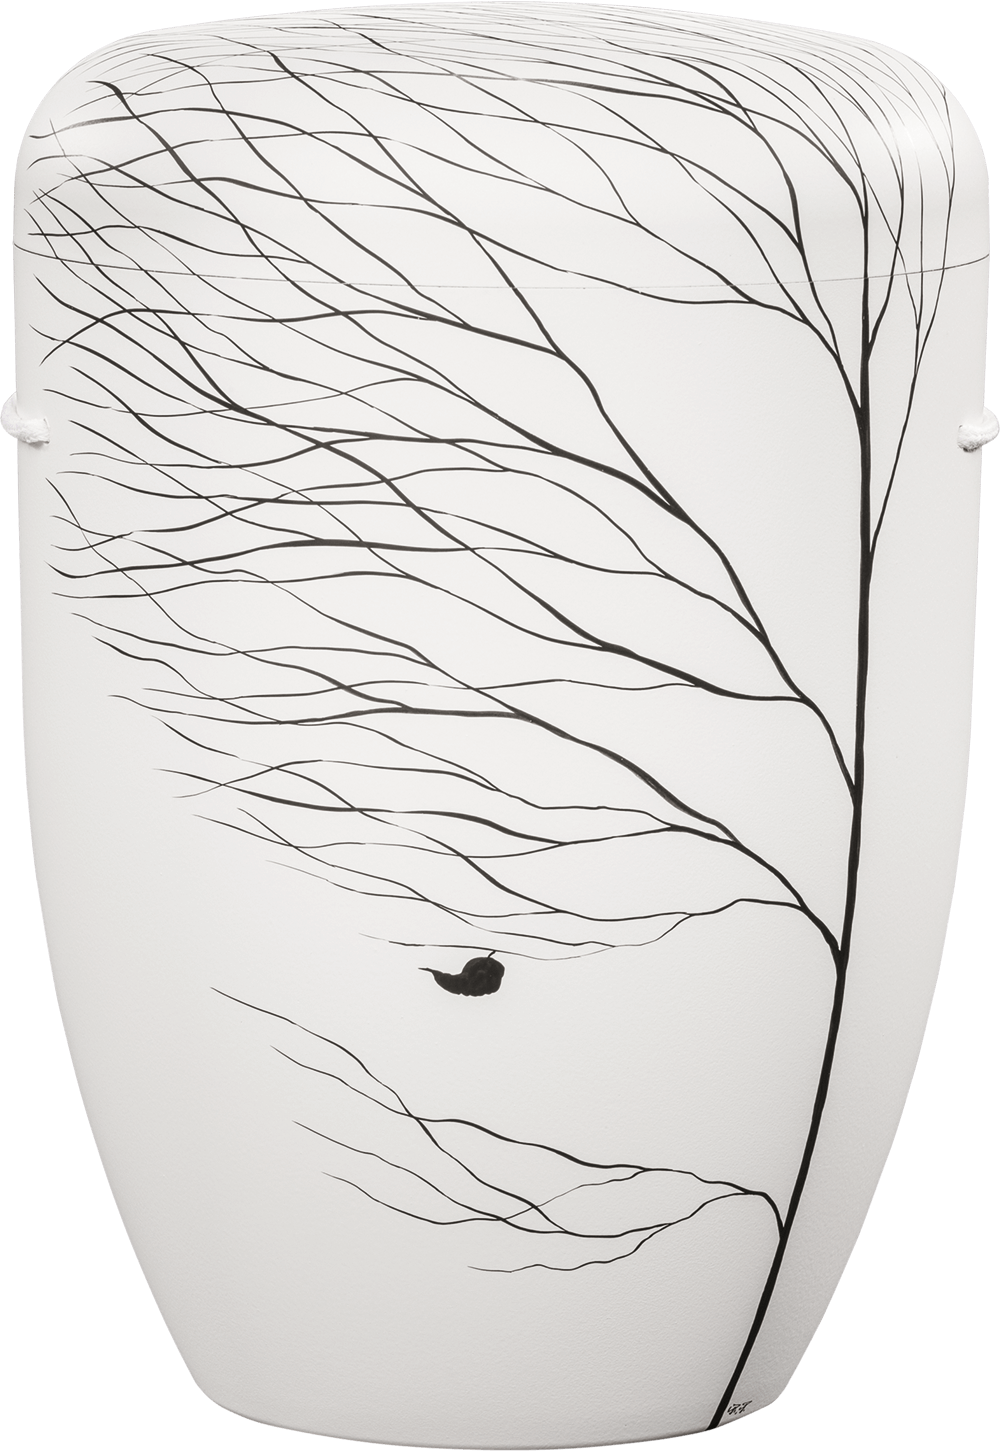 IKT 1657 Weiß | Vom Winde verweht